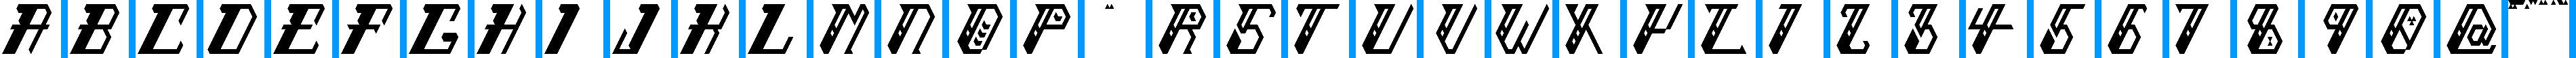 Particip-a-type v.284